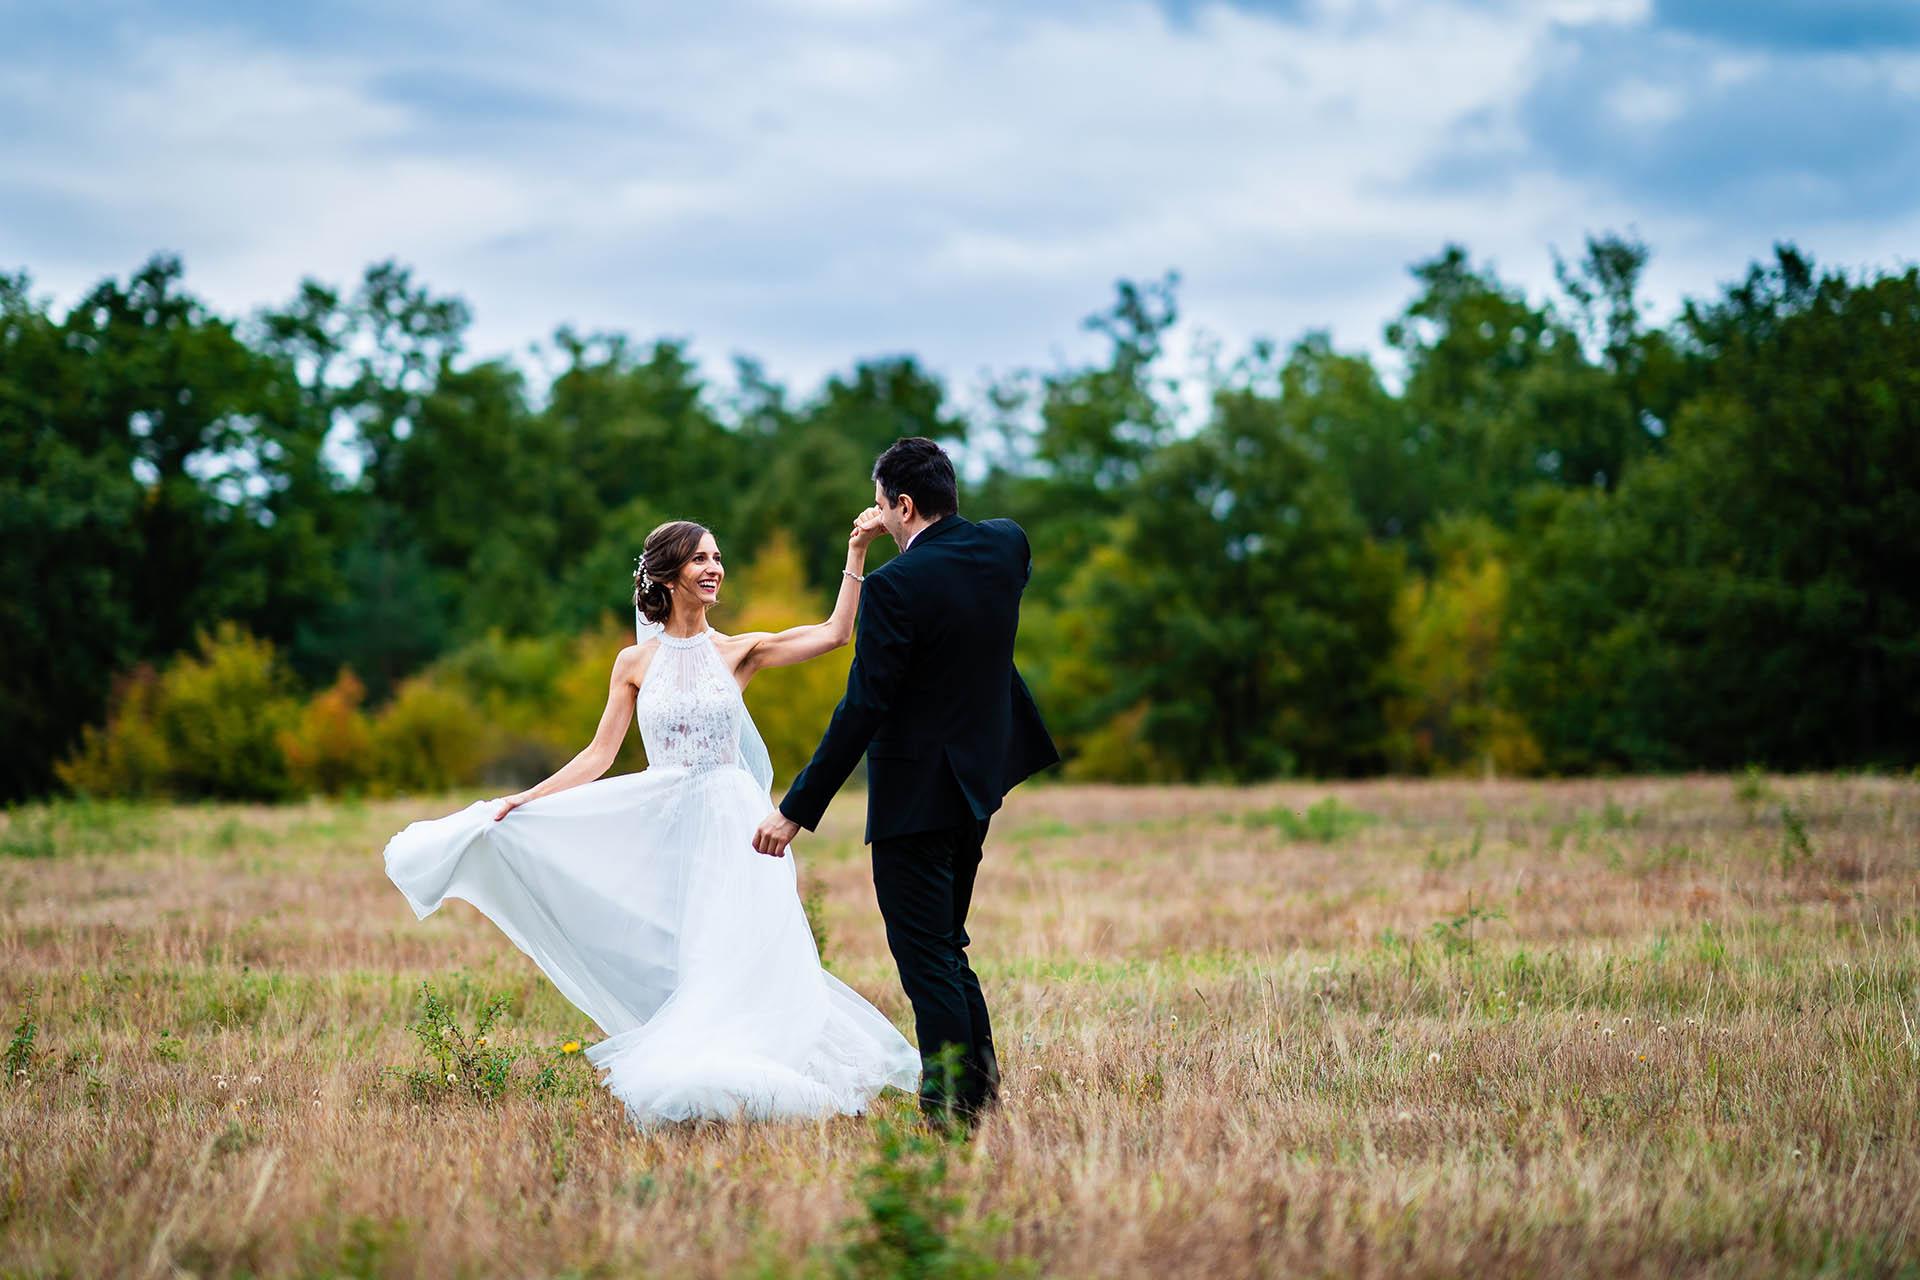 Villa Ekaterina Hochzeitspaar Portraits bei Vakarel, Bulgarien | Das Brautpaar braucht einige Momente, um für Bilder zu posieren